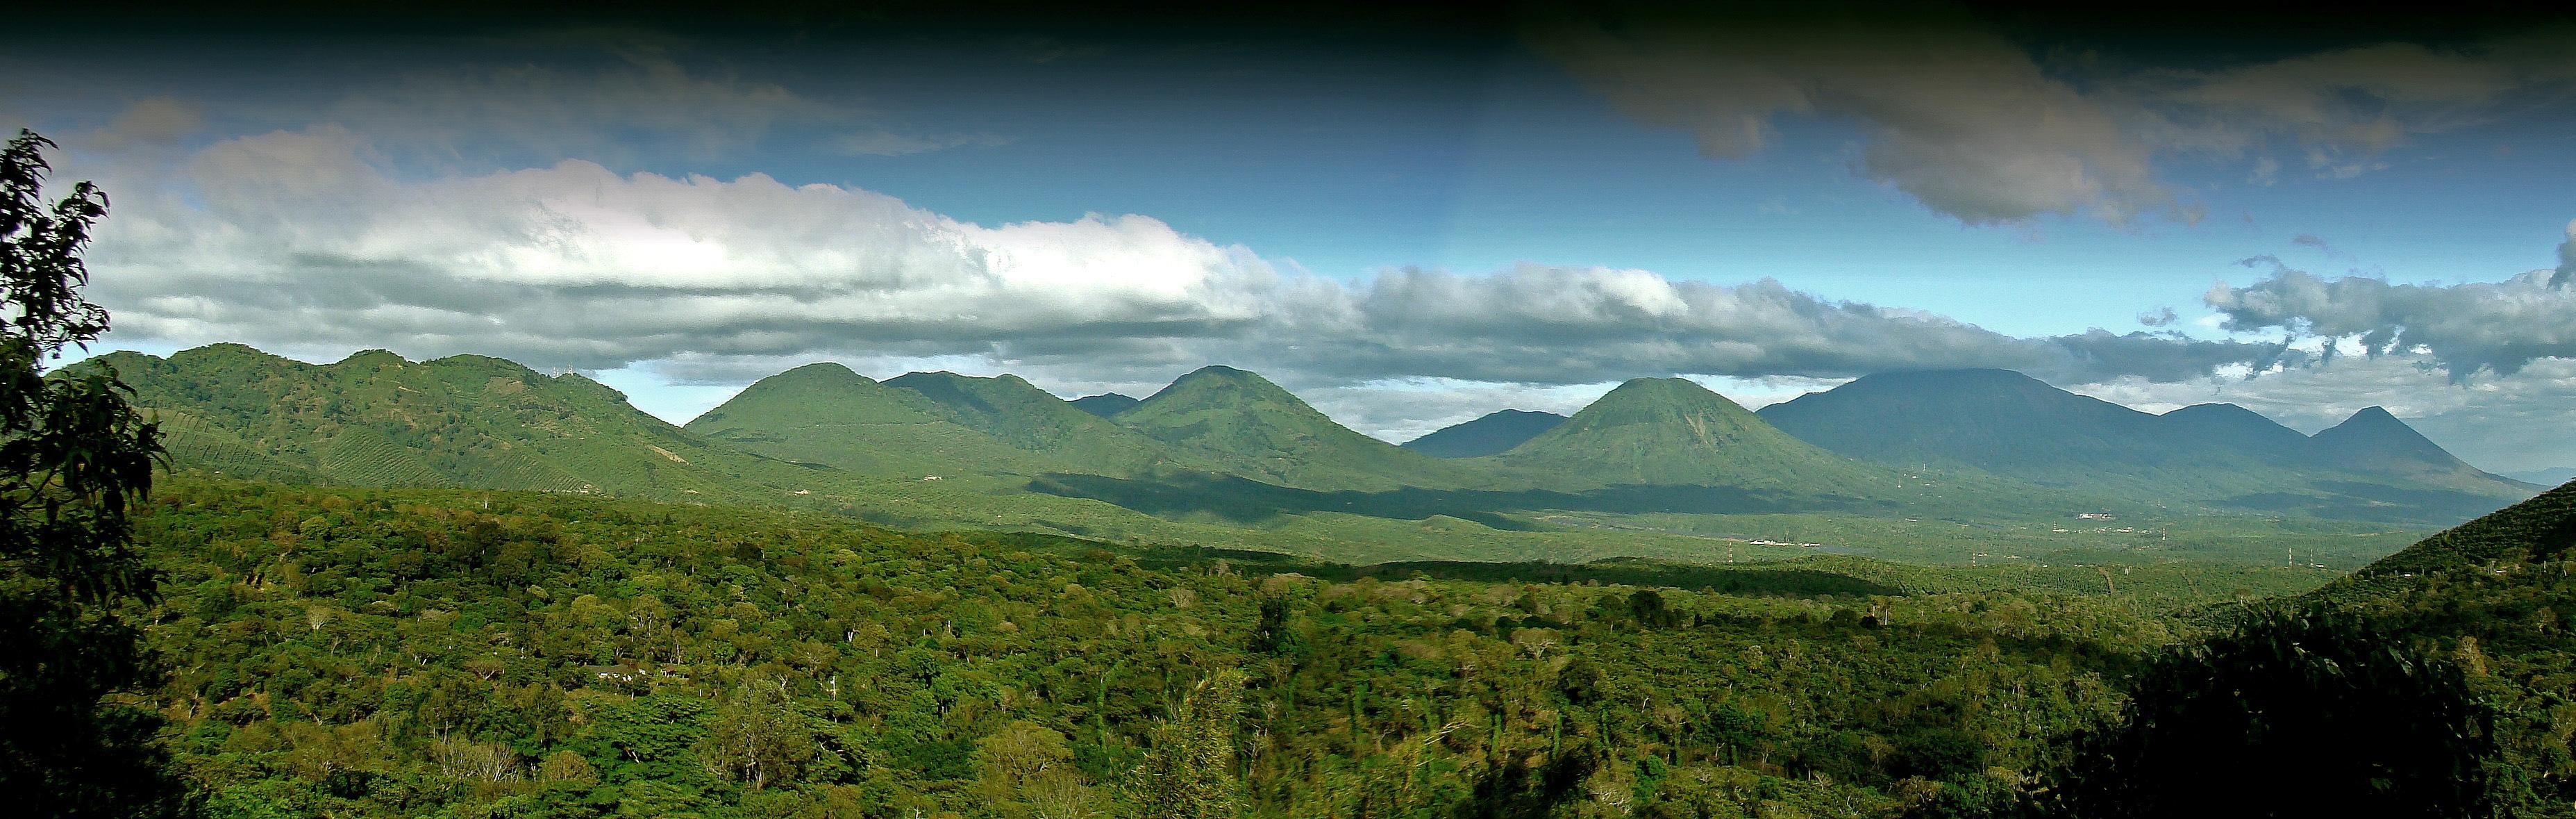 Parque-Nacional-Los-Volcanes